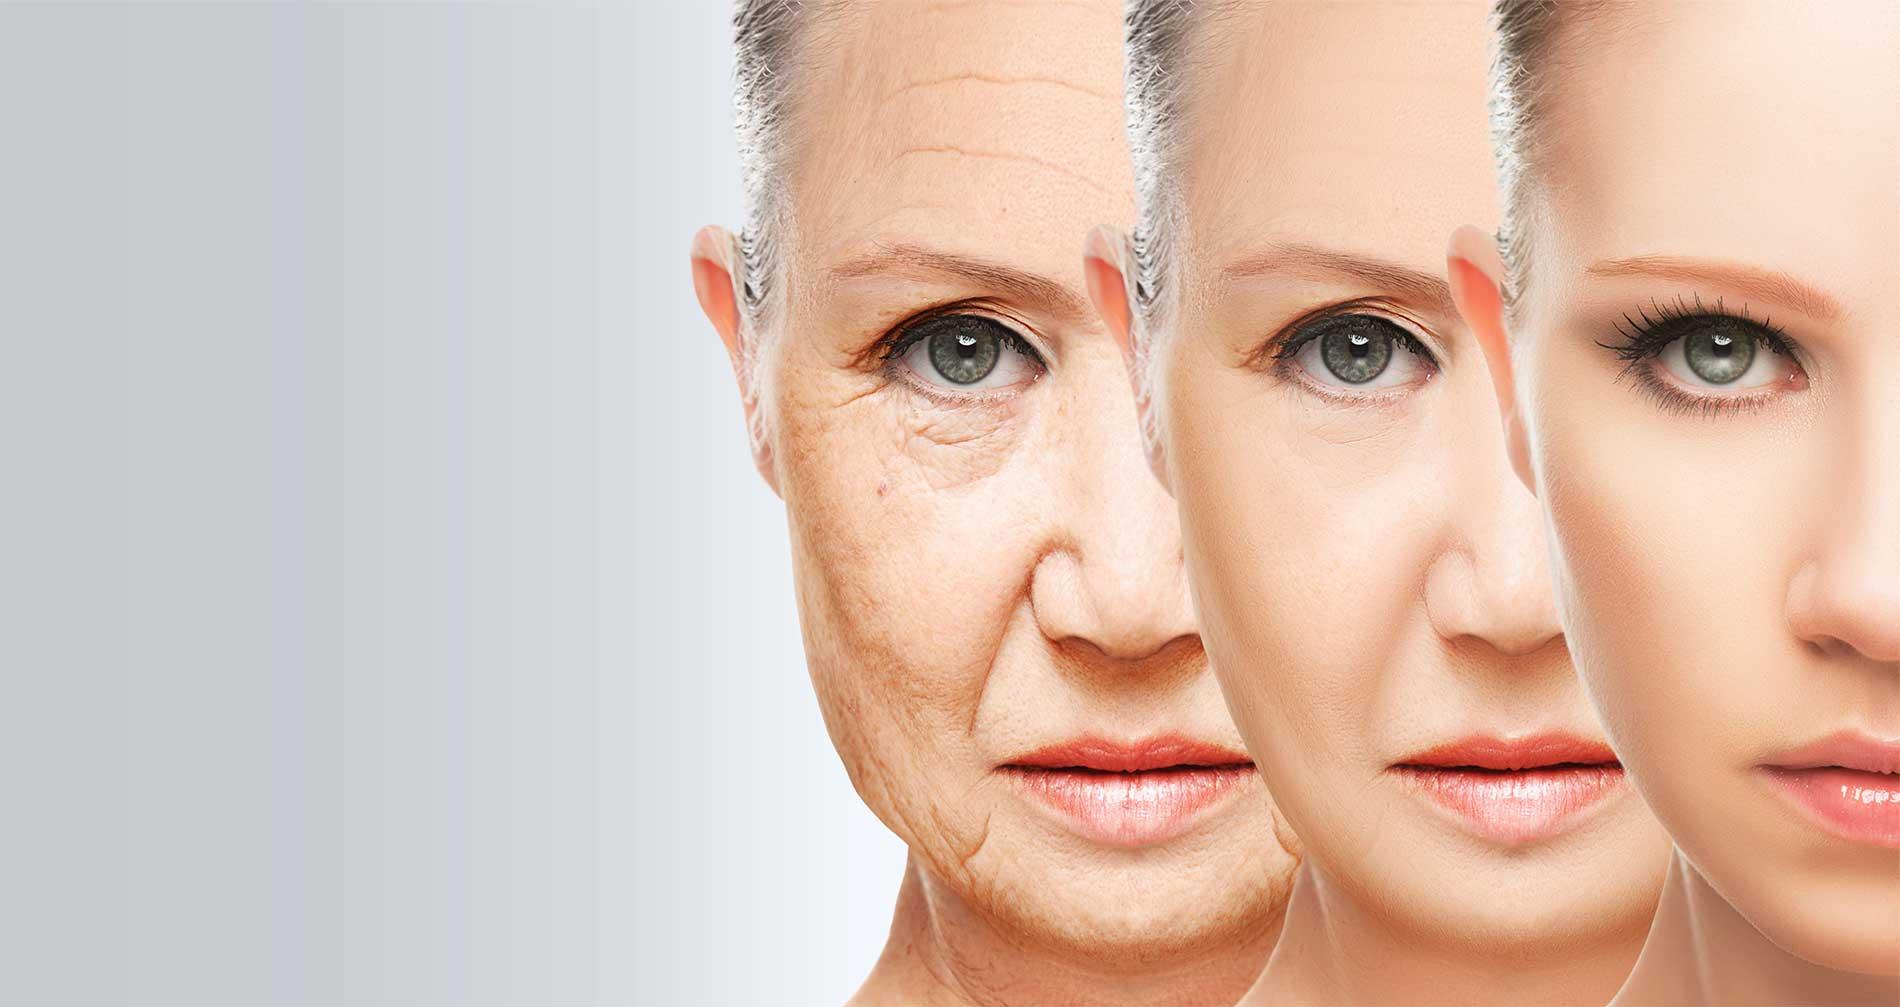 El-54por-ciento-de-las-mujeres-se-sienten-inseguras-con-su-aspecto-durante-la-menopausia-dDermis-Magazine-e1424354126520-01